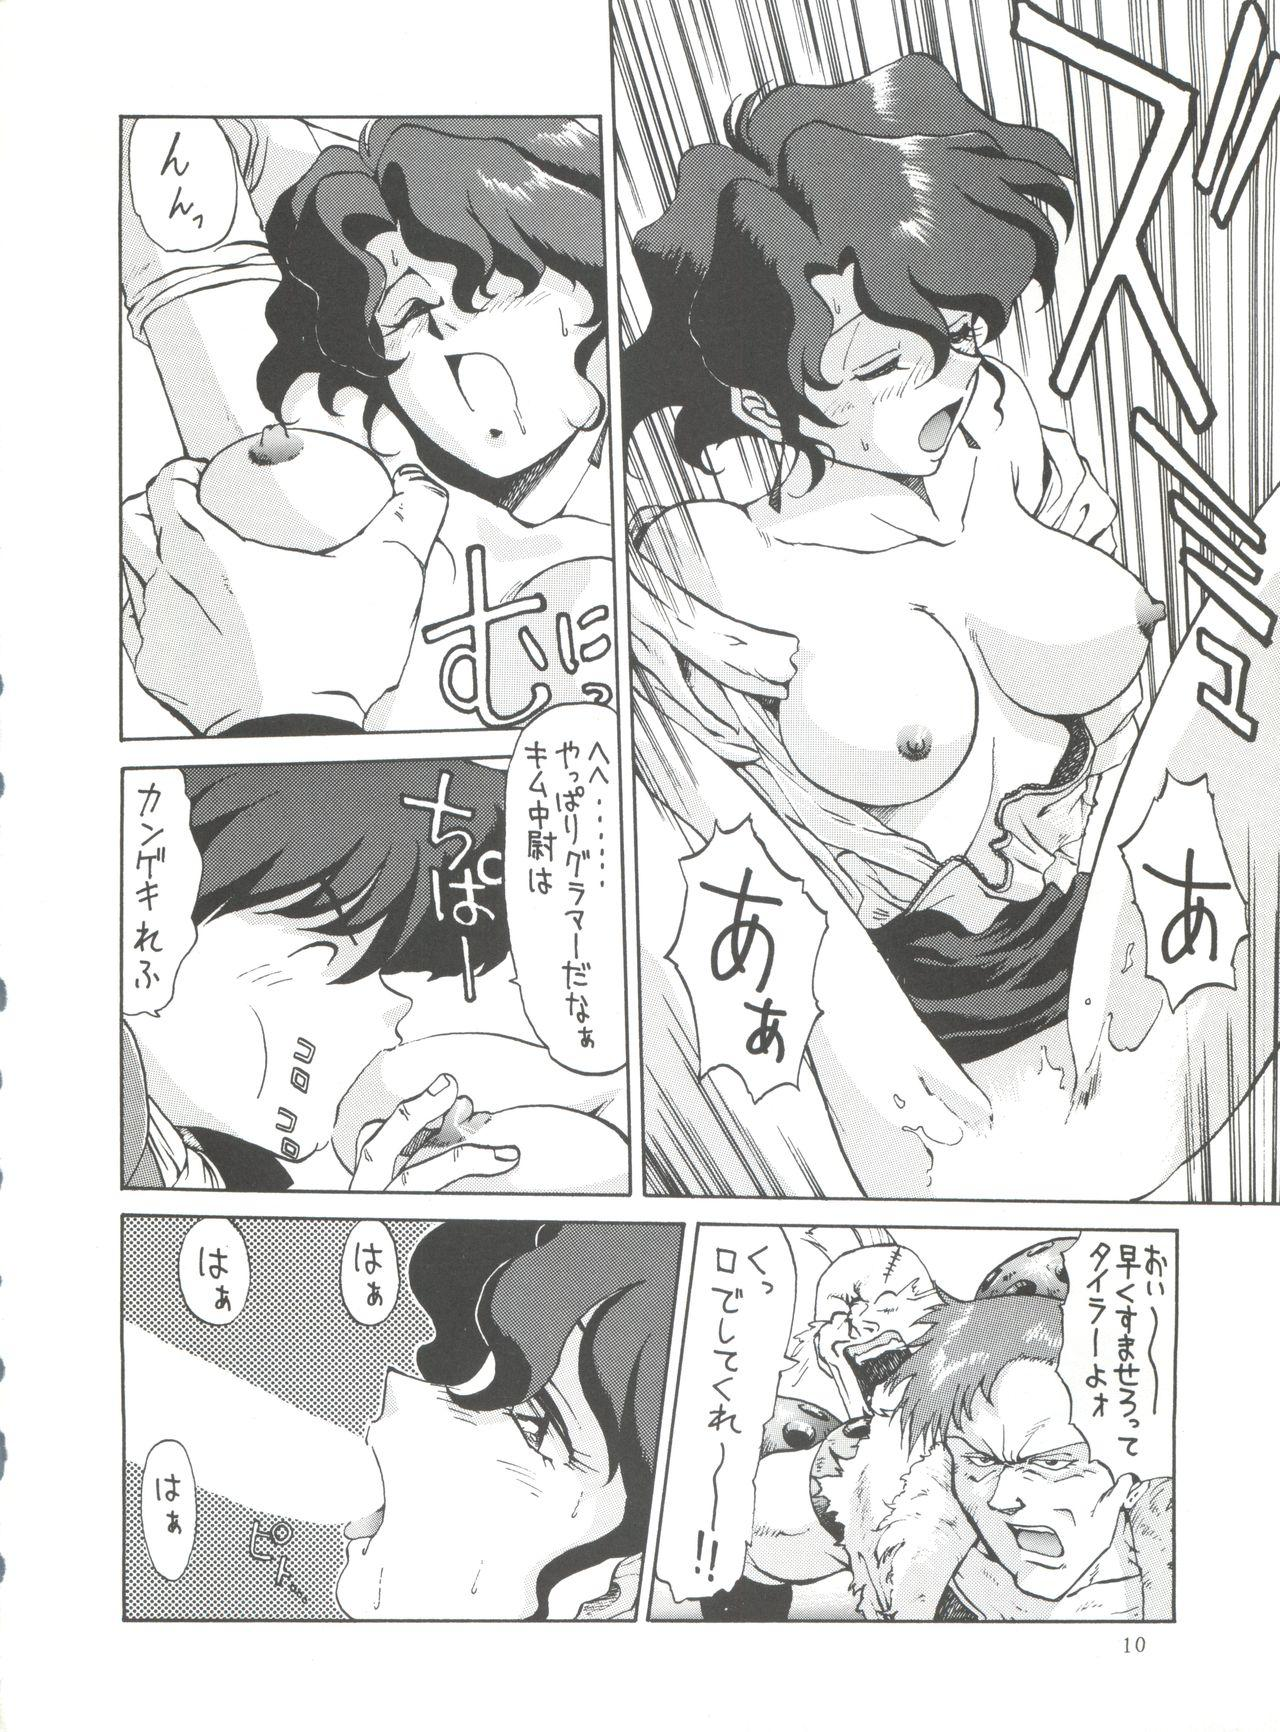 POTATO MASHER Vol. 2 8